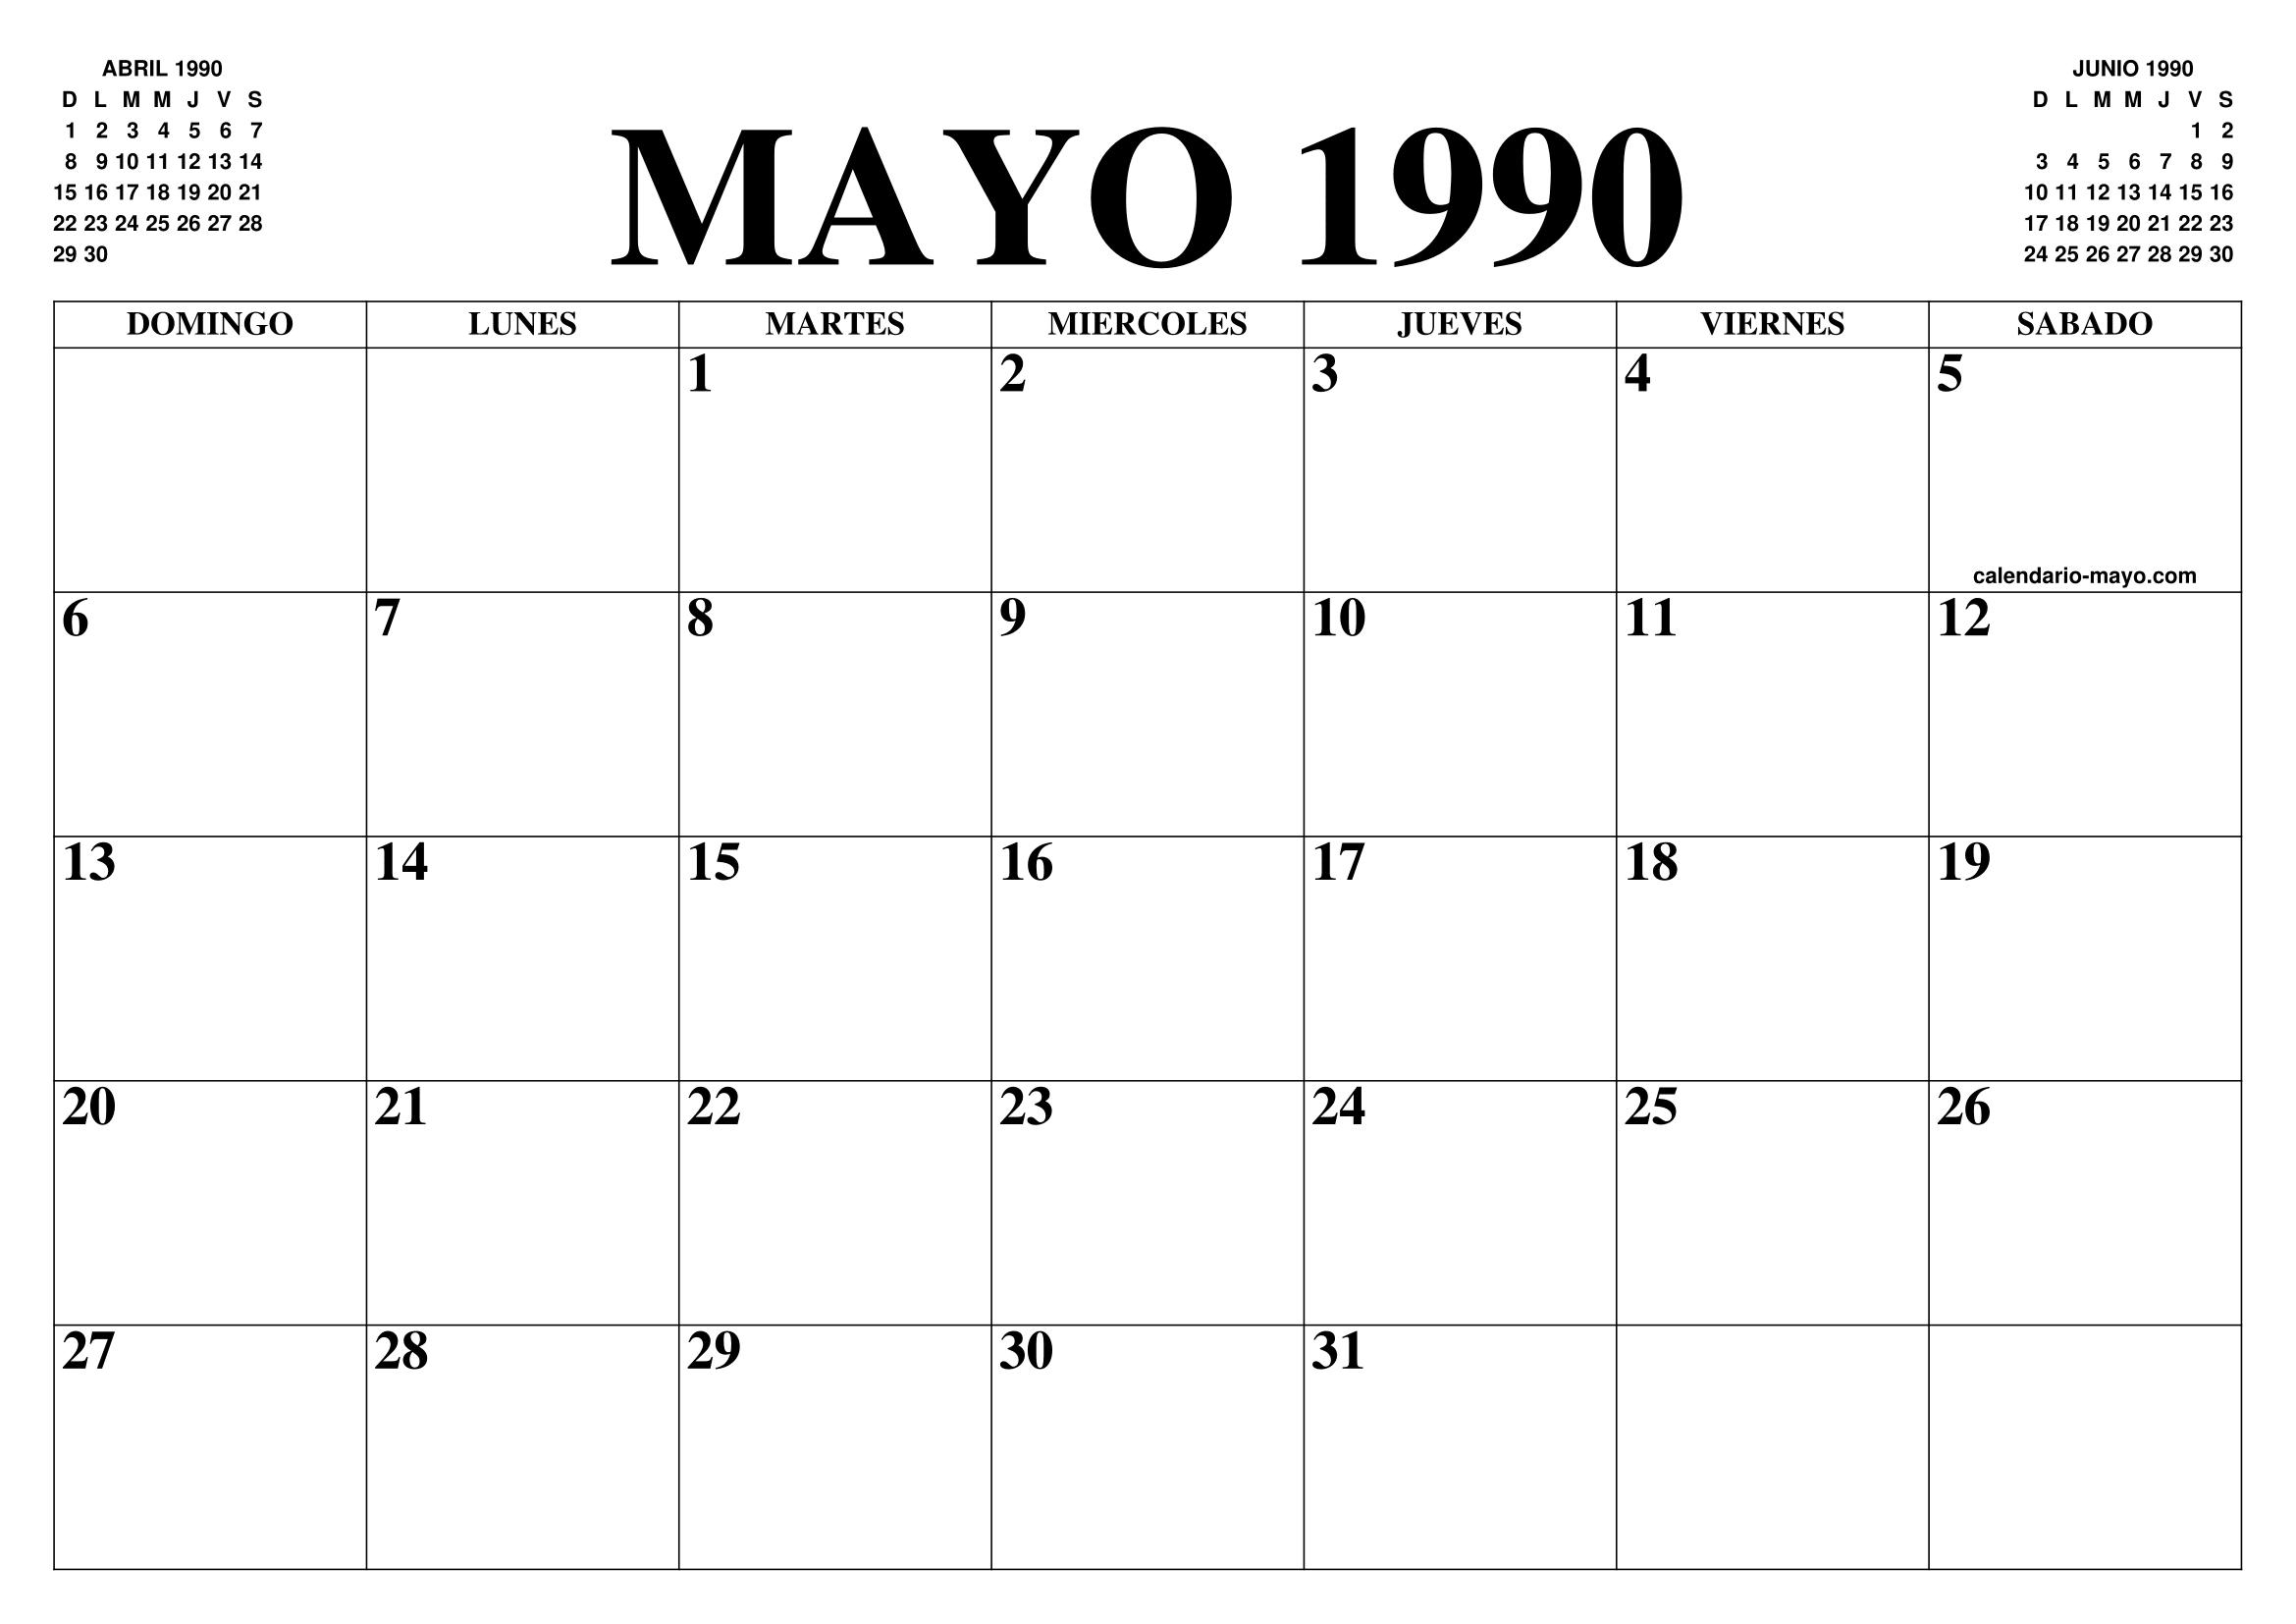 1990 Calendario.Calendario Mayo 1990 El Calendario Mayo Para Imprimir